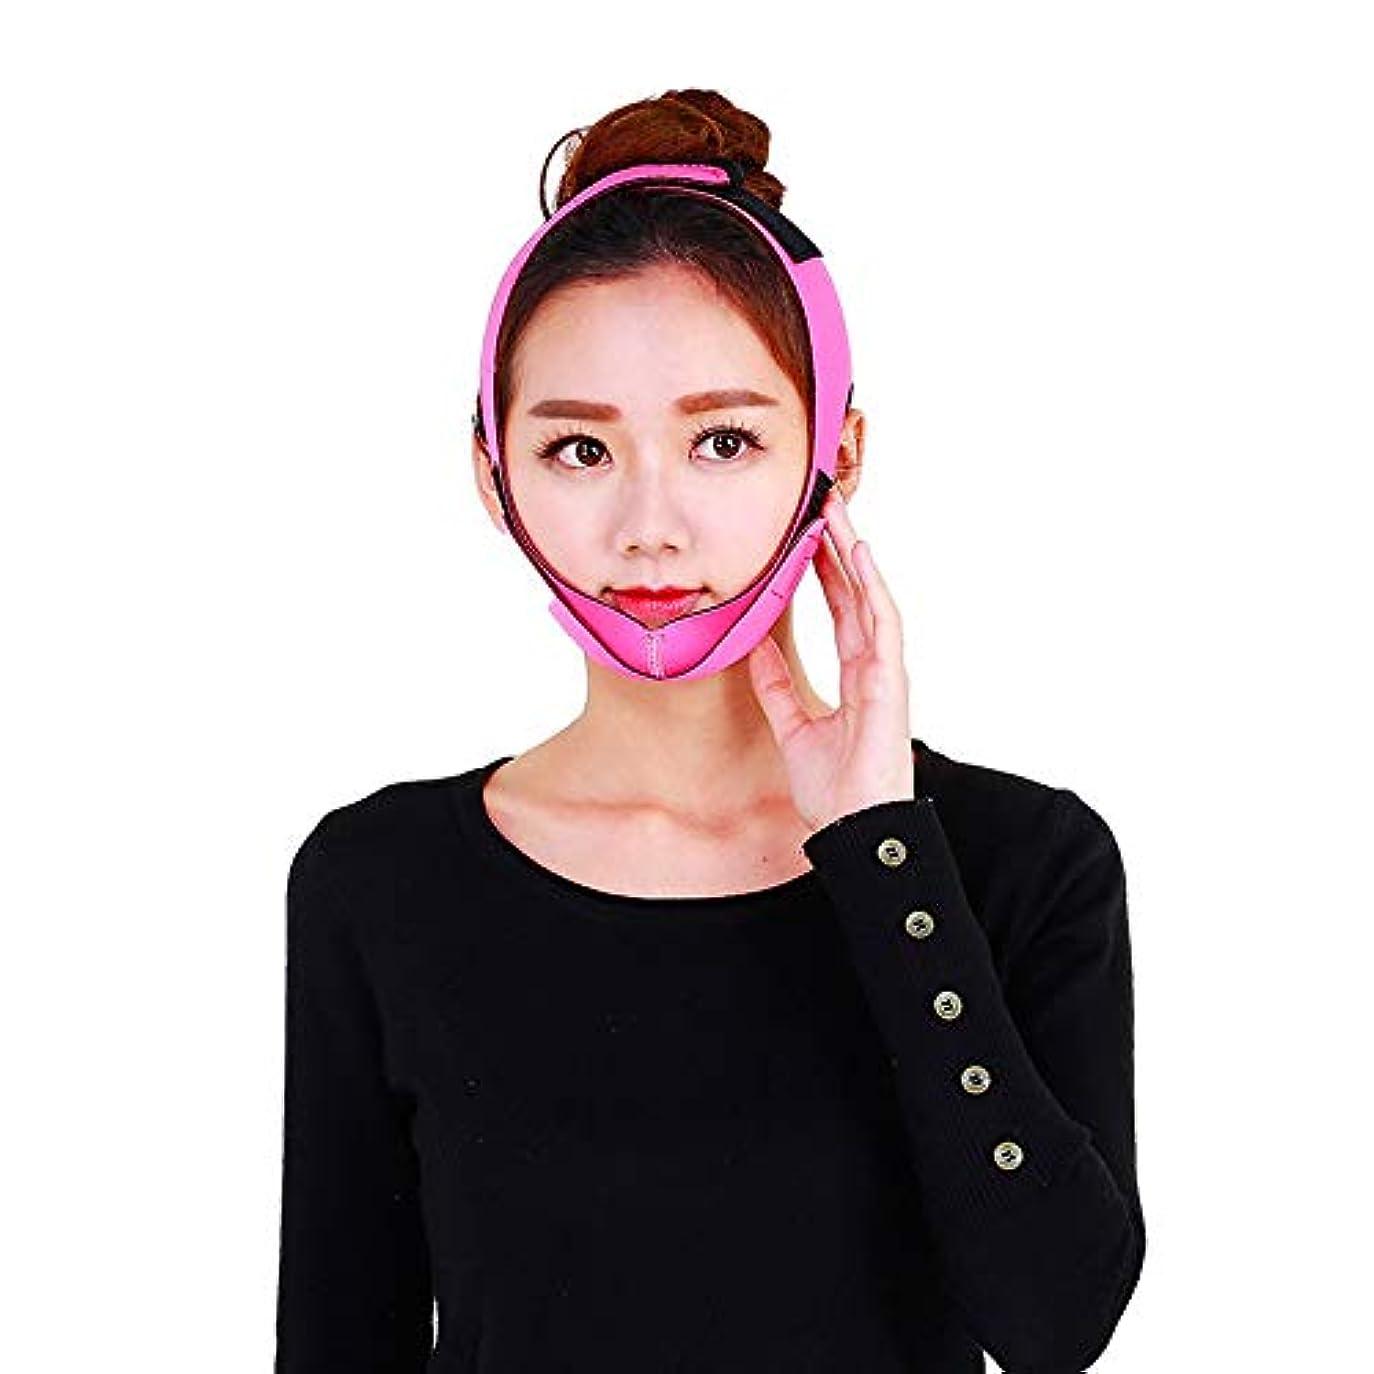 同化するに対応複合Minmin 顔の持ち上がる痩身ベルト - 薄い顔包帯二重あごのデバイス無料の顔のマッサージ整形マスクが顔と首を締めます みんみんVラインフェイスマスク